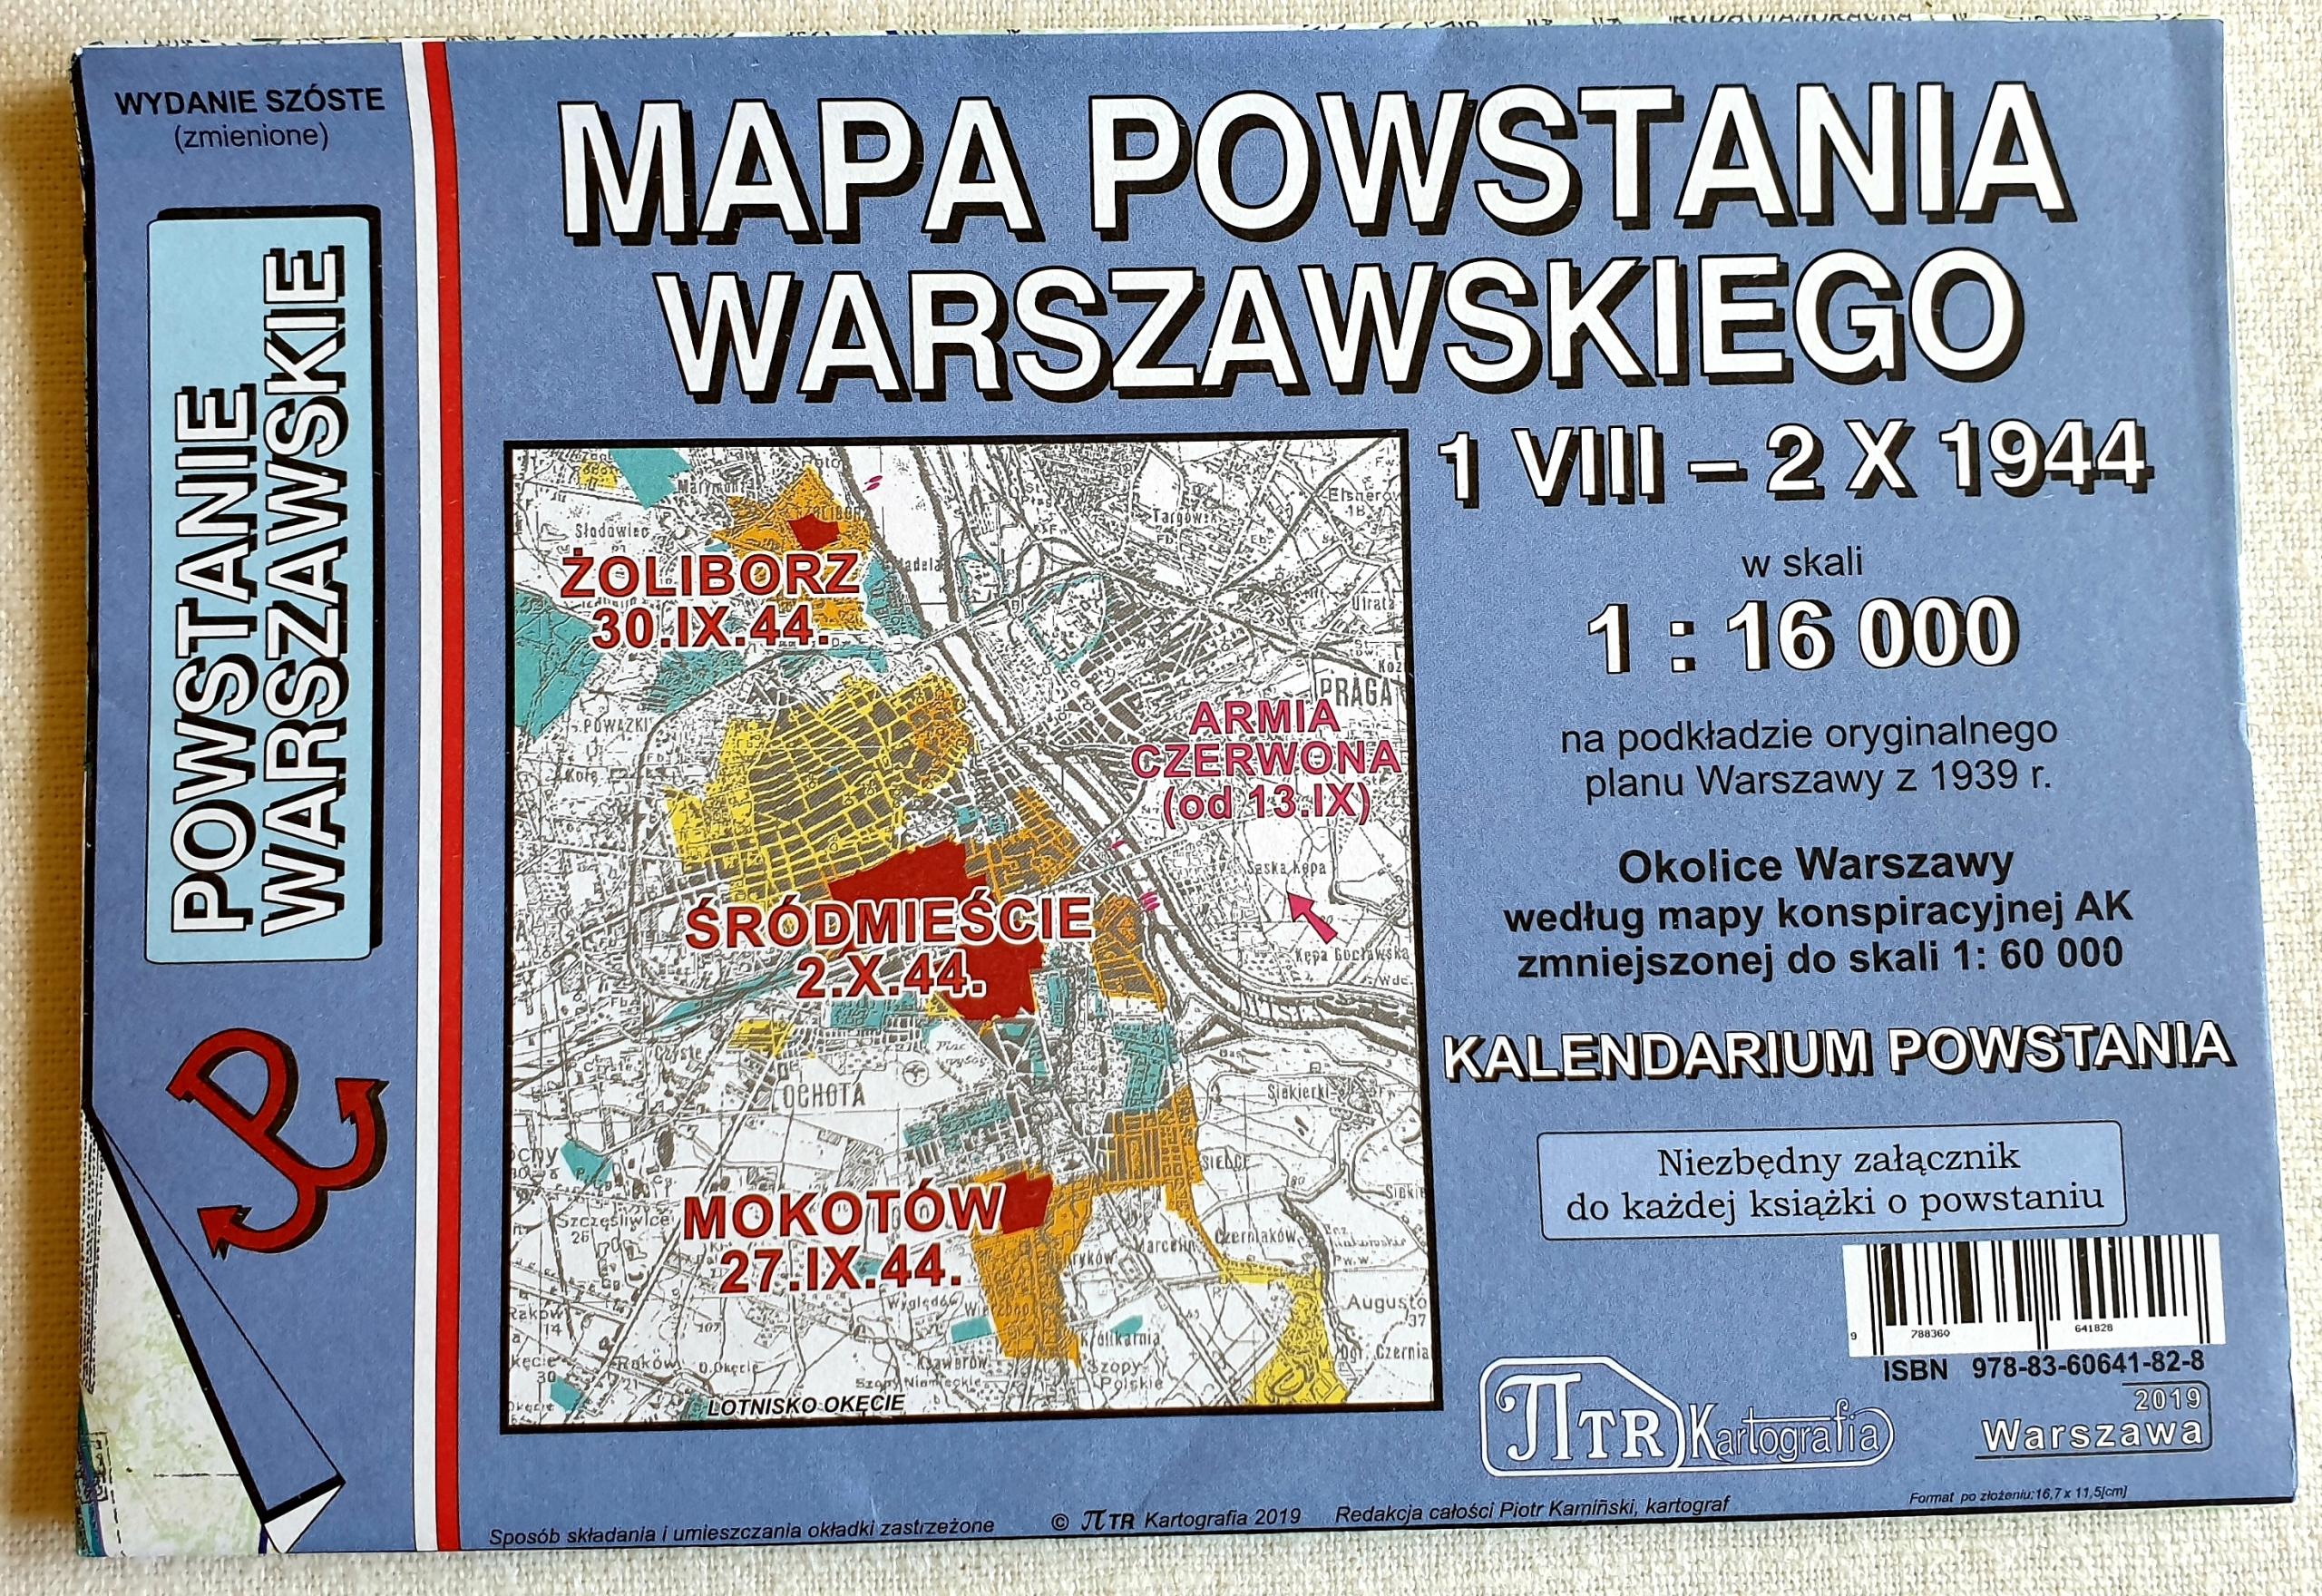 Mapa Powstania Warszawskiego (opr.zbiorowe)